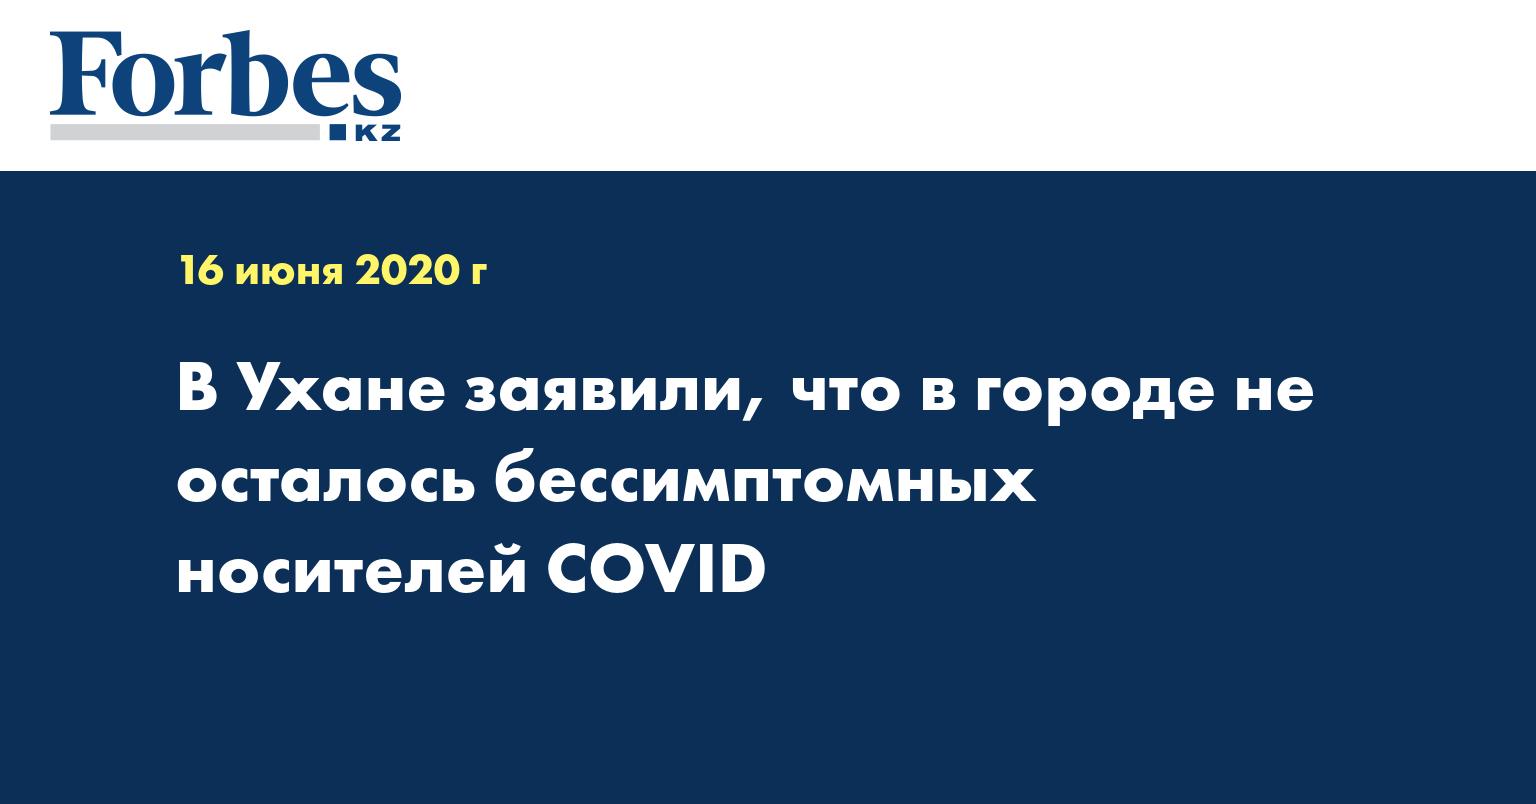 В Ухане заявили, что в городе не осталось бессимптомных носителей COVID